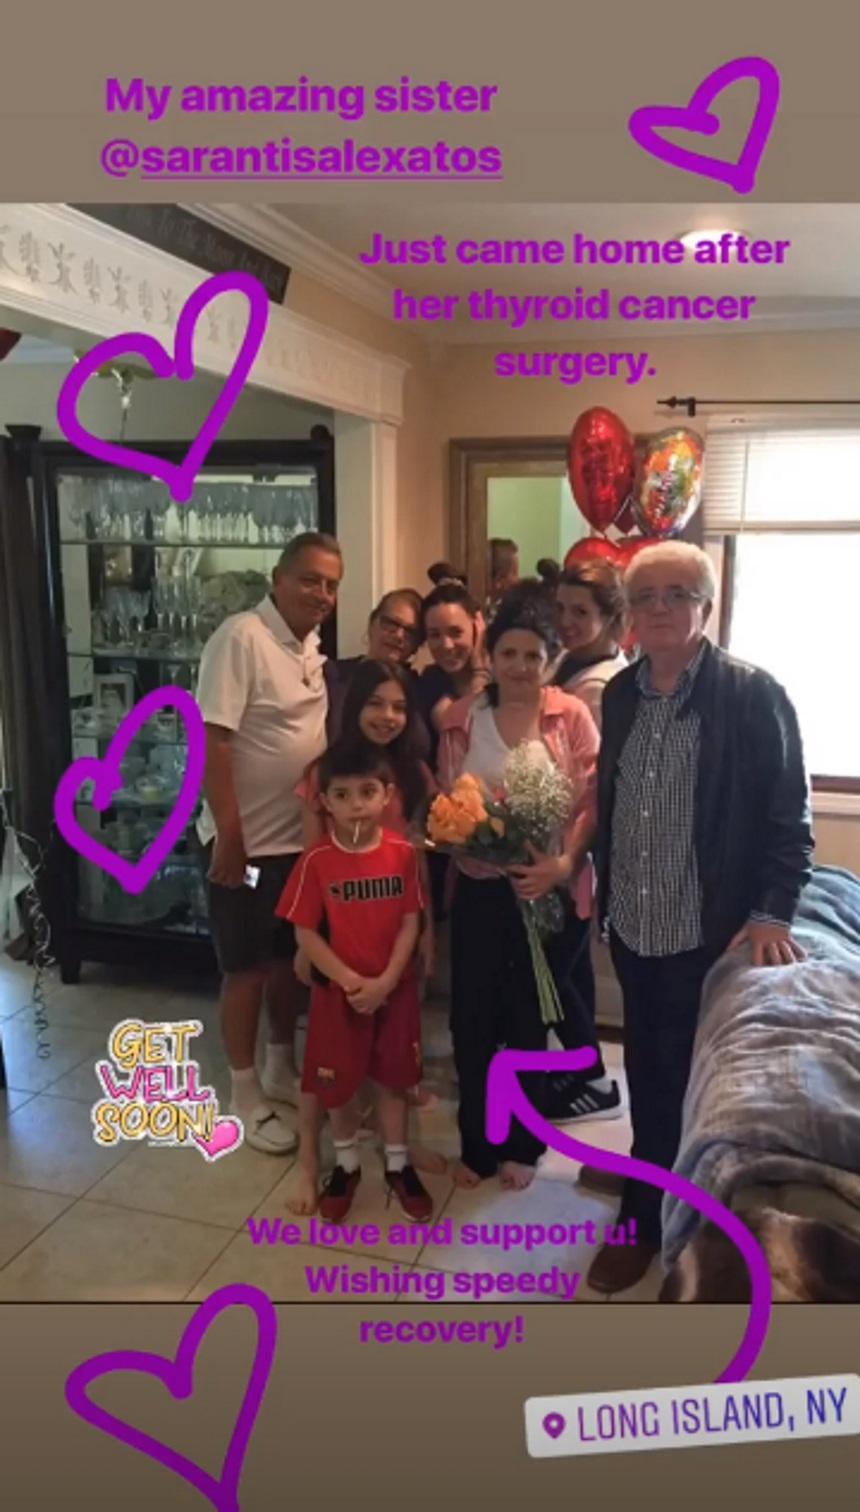 Καλομοίρα: Αποκαλύπτει πρώτη φορά τη μάχη που παλεύει η οικογένειά της με τον καρκίνο